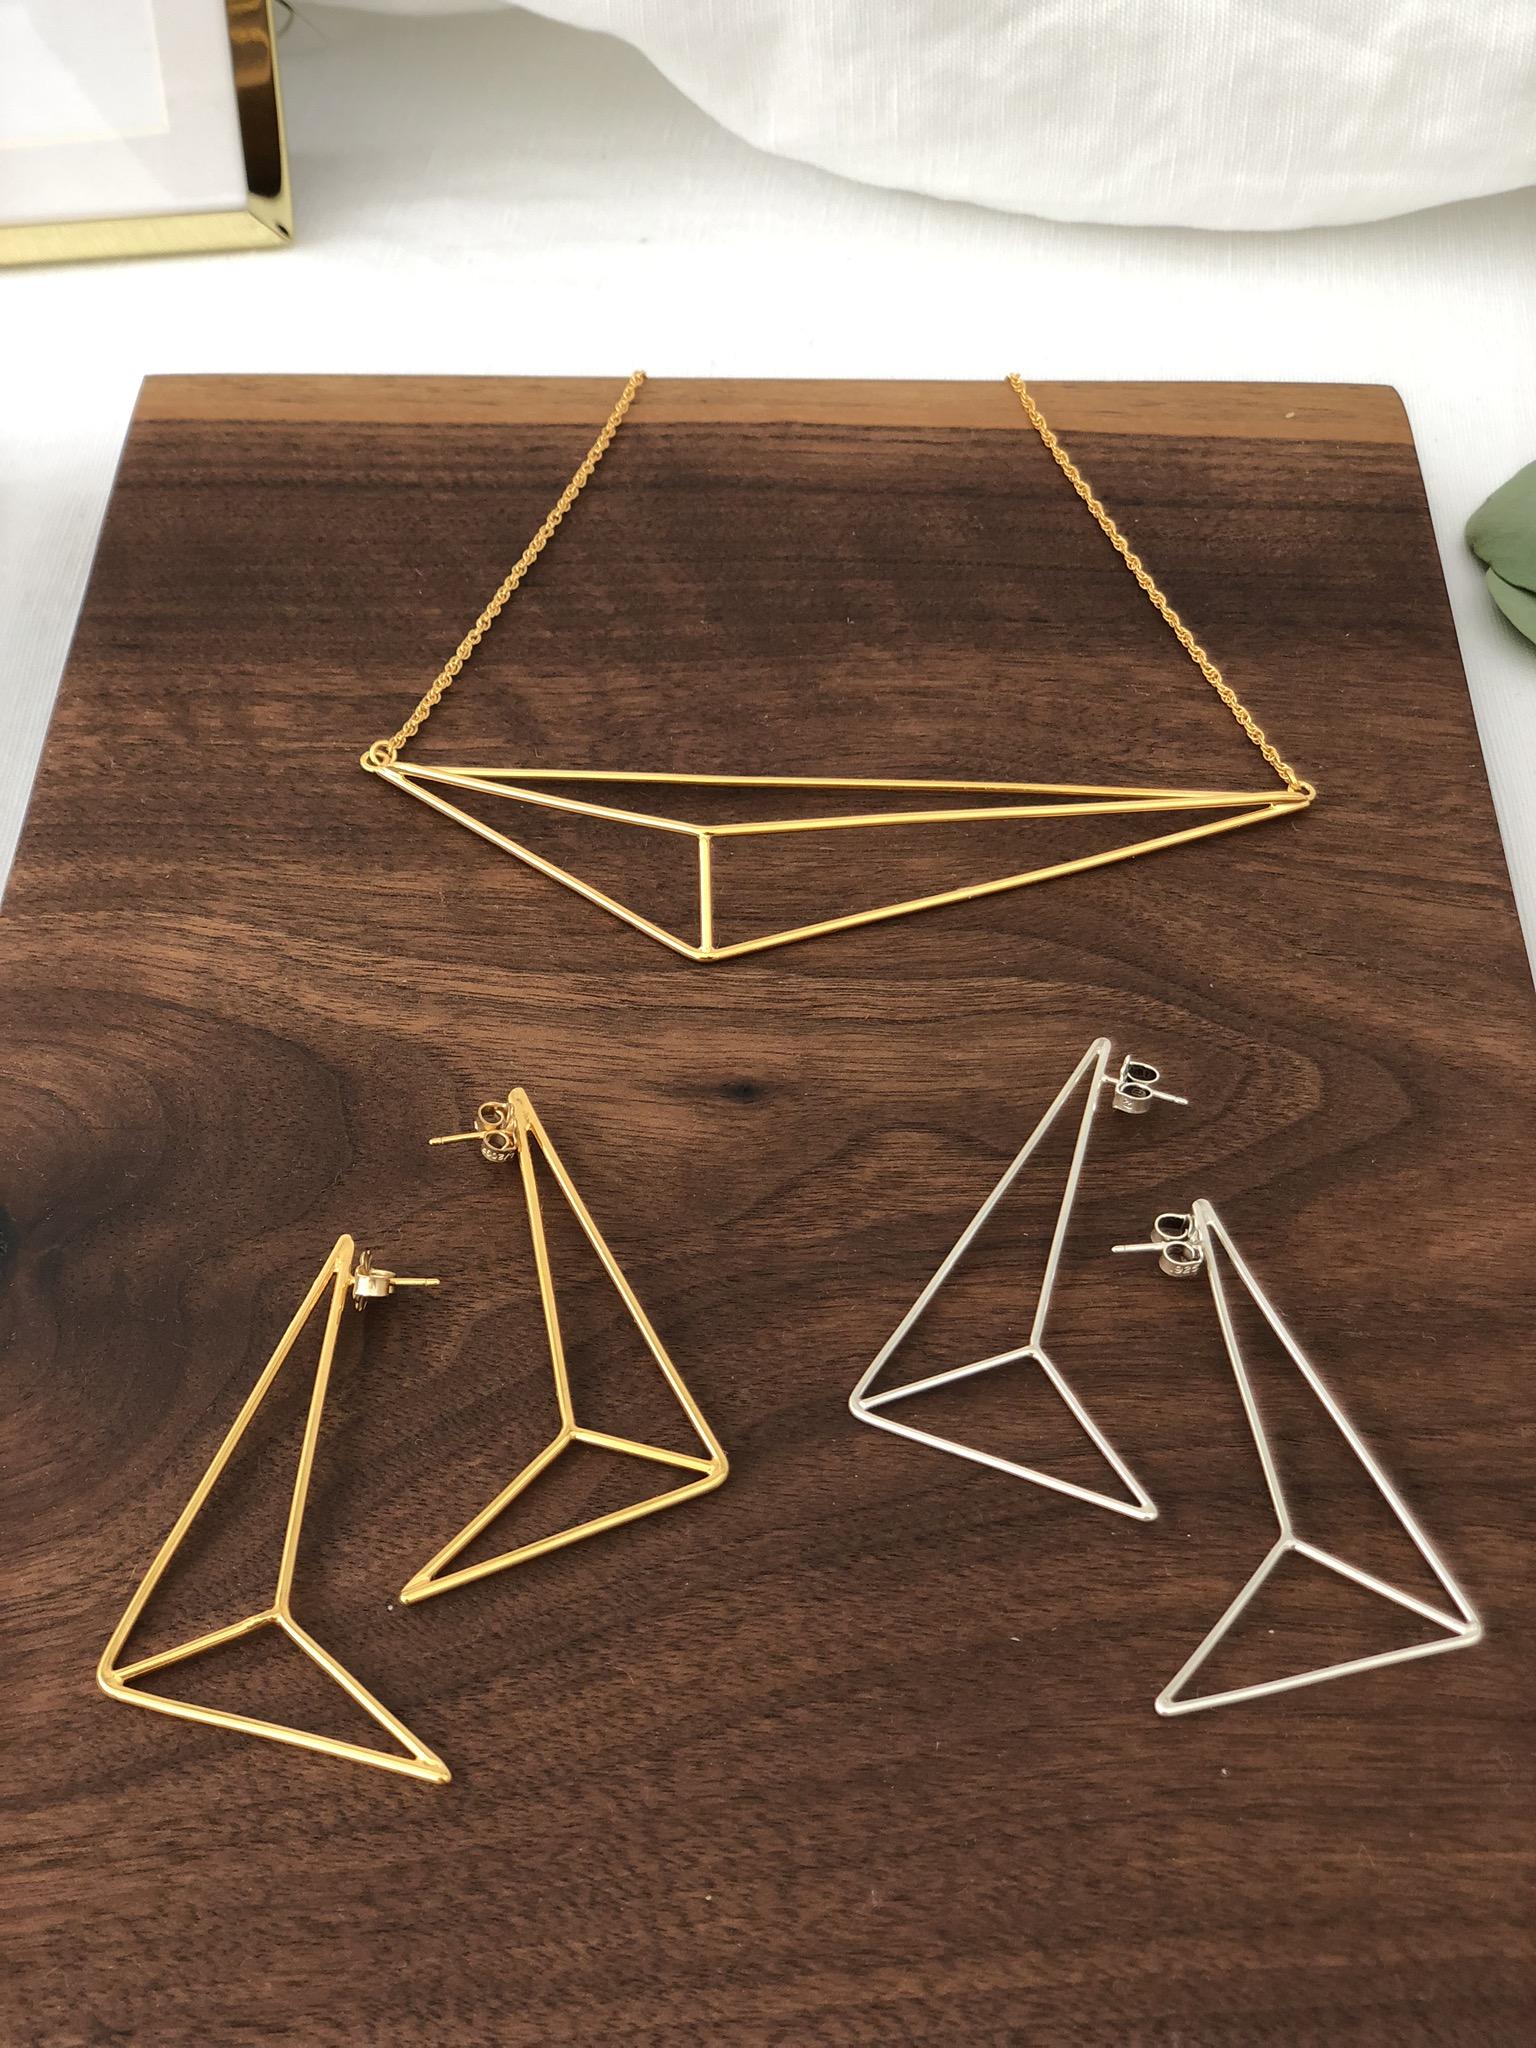 hahnjewelry-product 4.JPG